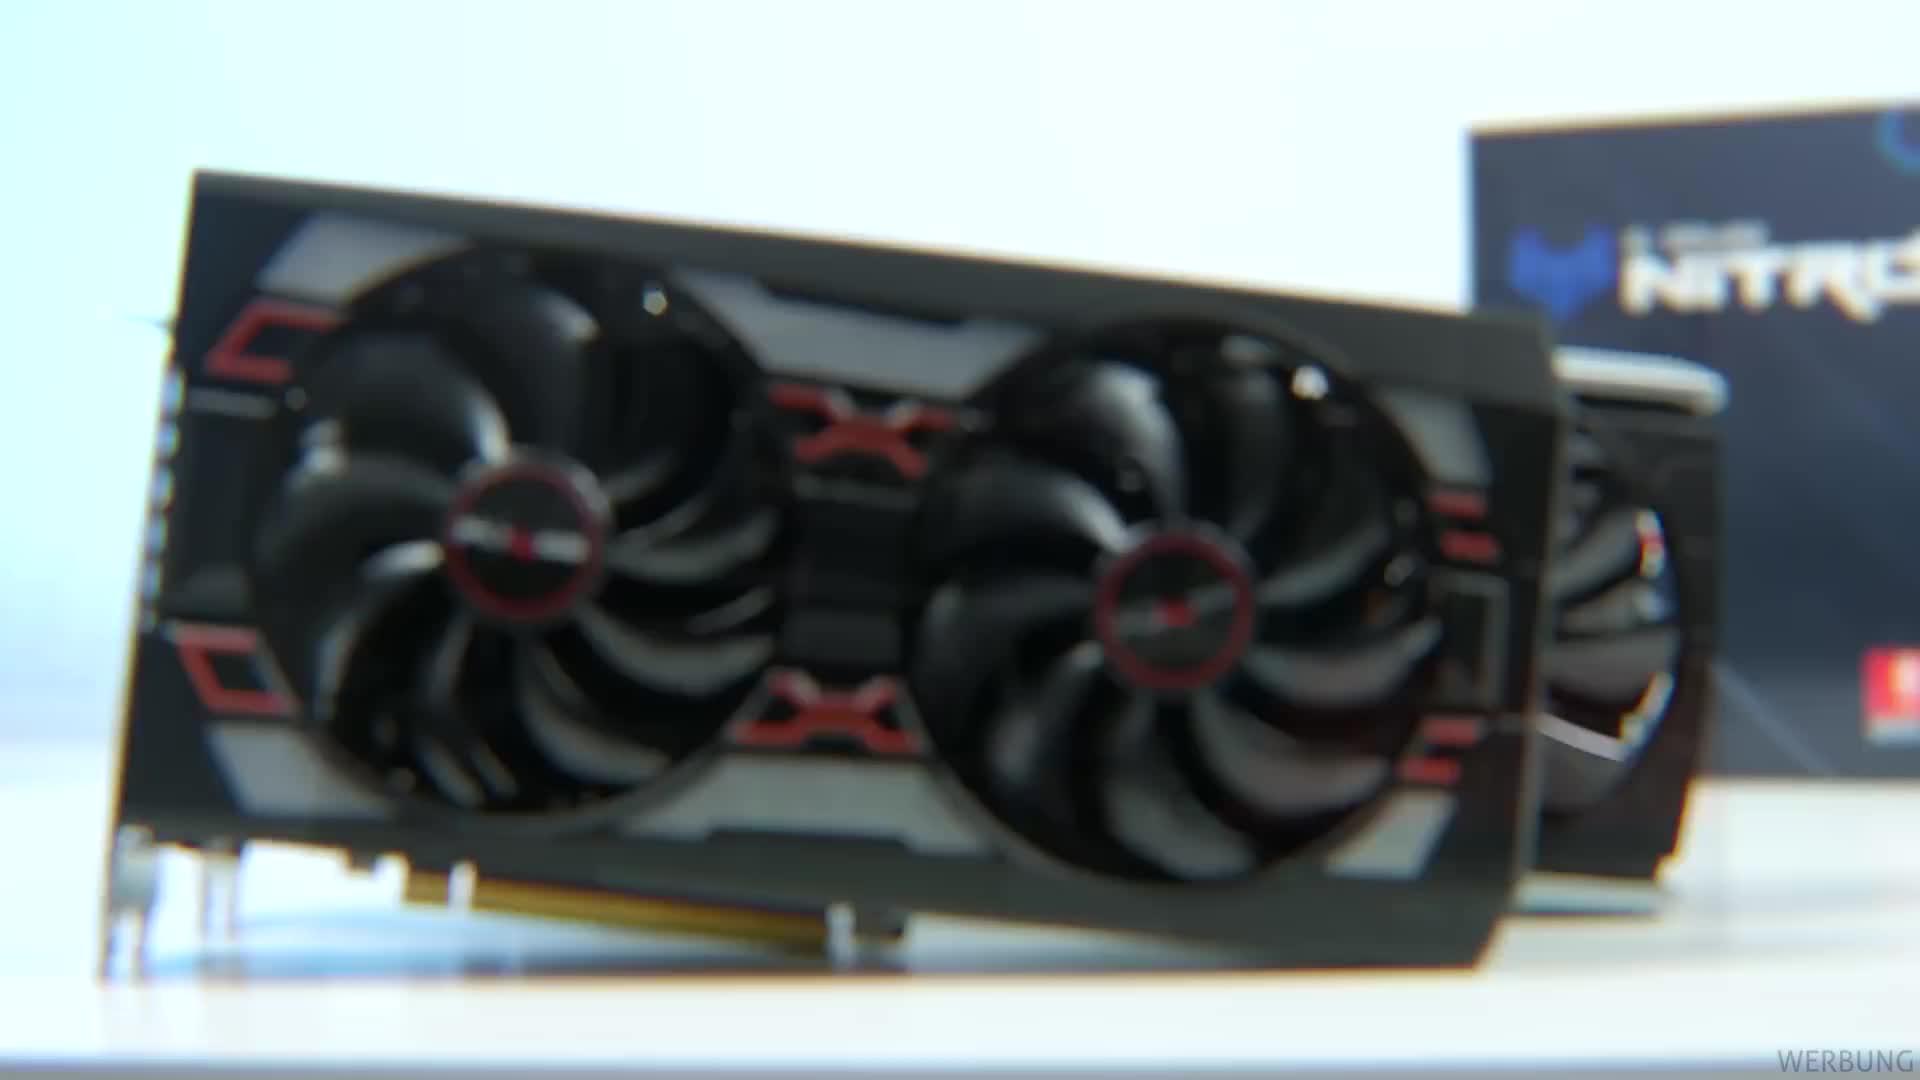 Test, Amd, Grafikkarte, Zenchilli, Zenchillis Hardware Reviews, Radeon RX 5700 XT, Sapphire RX 5700 XT Nitro+, Sapphire RX 5700 XT, RX 5700 XT Nitro+, RX 5700